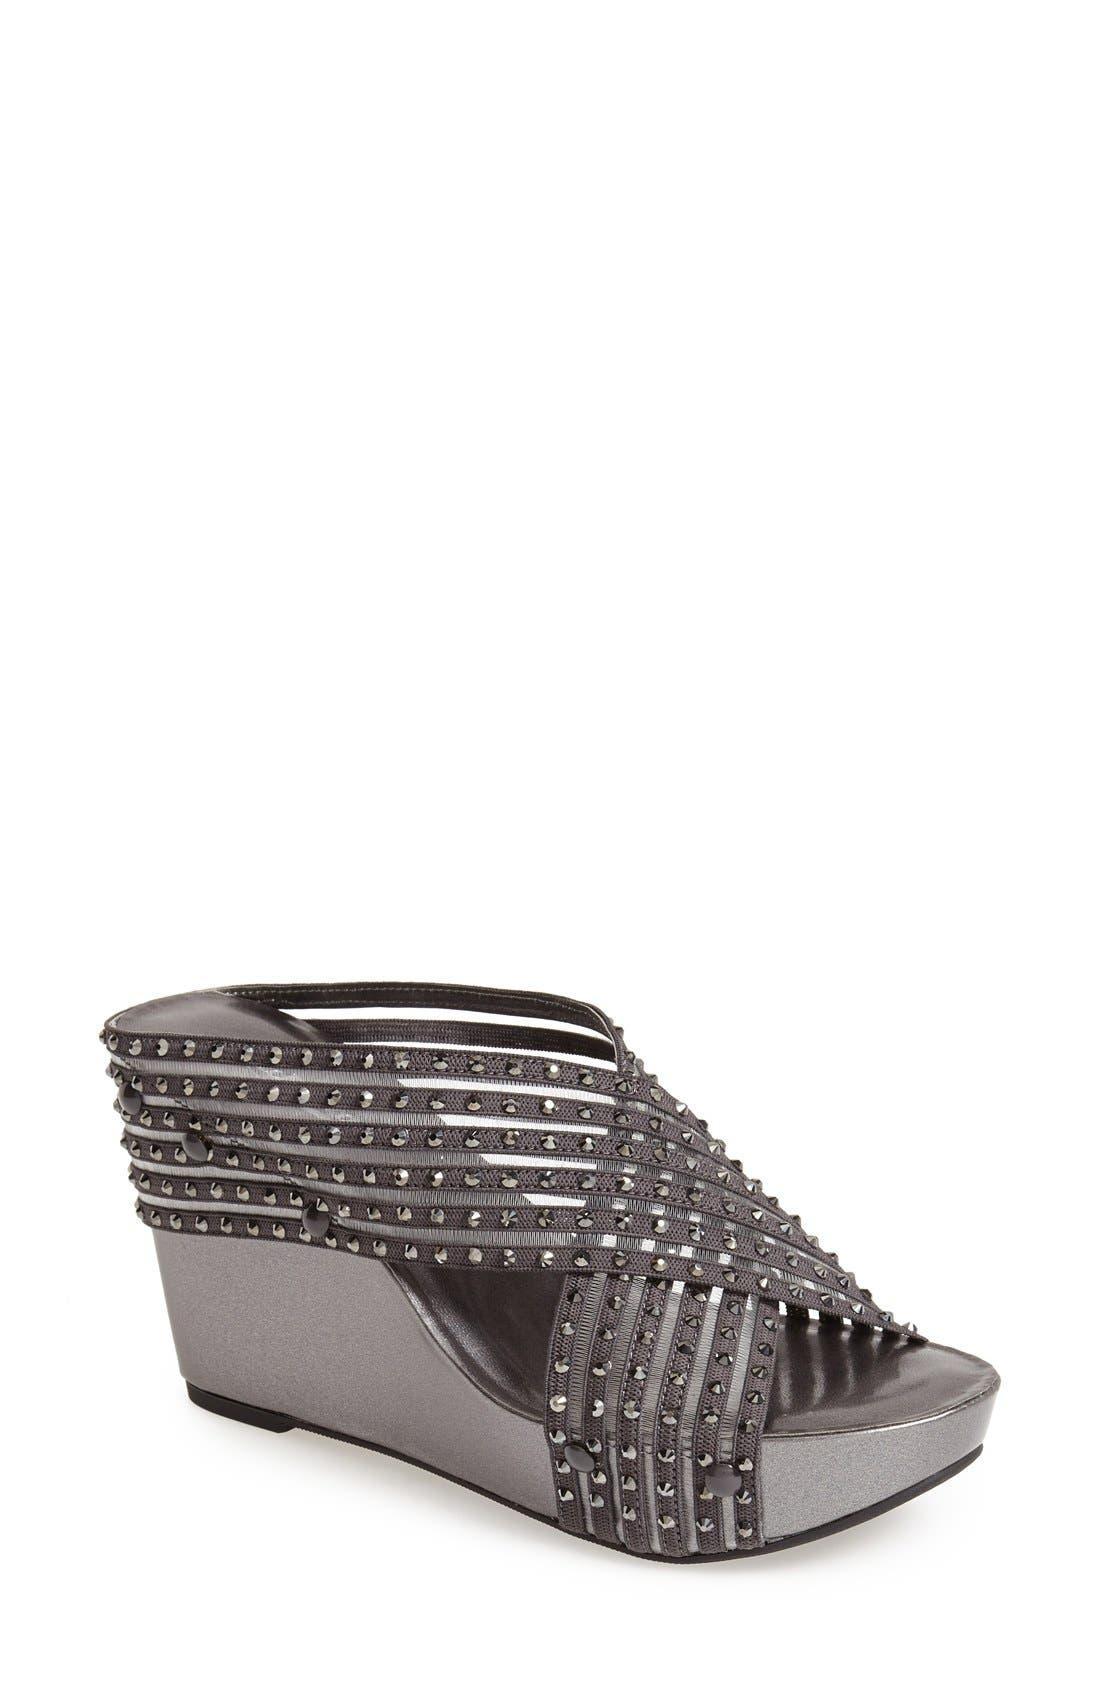 Alternate Image 1 Selected - Lucky Brand 'Miller 2' Sandal